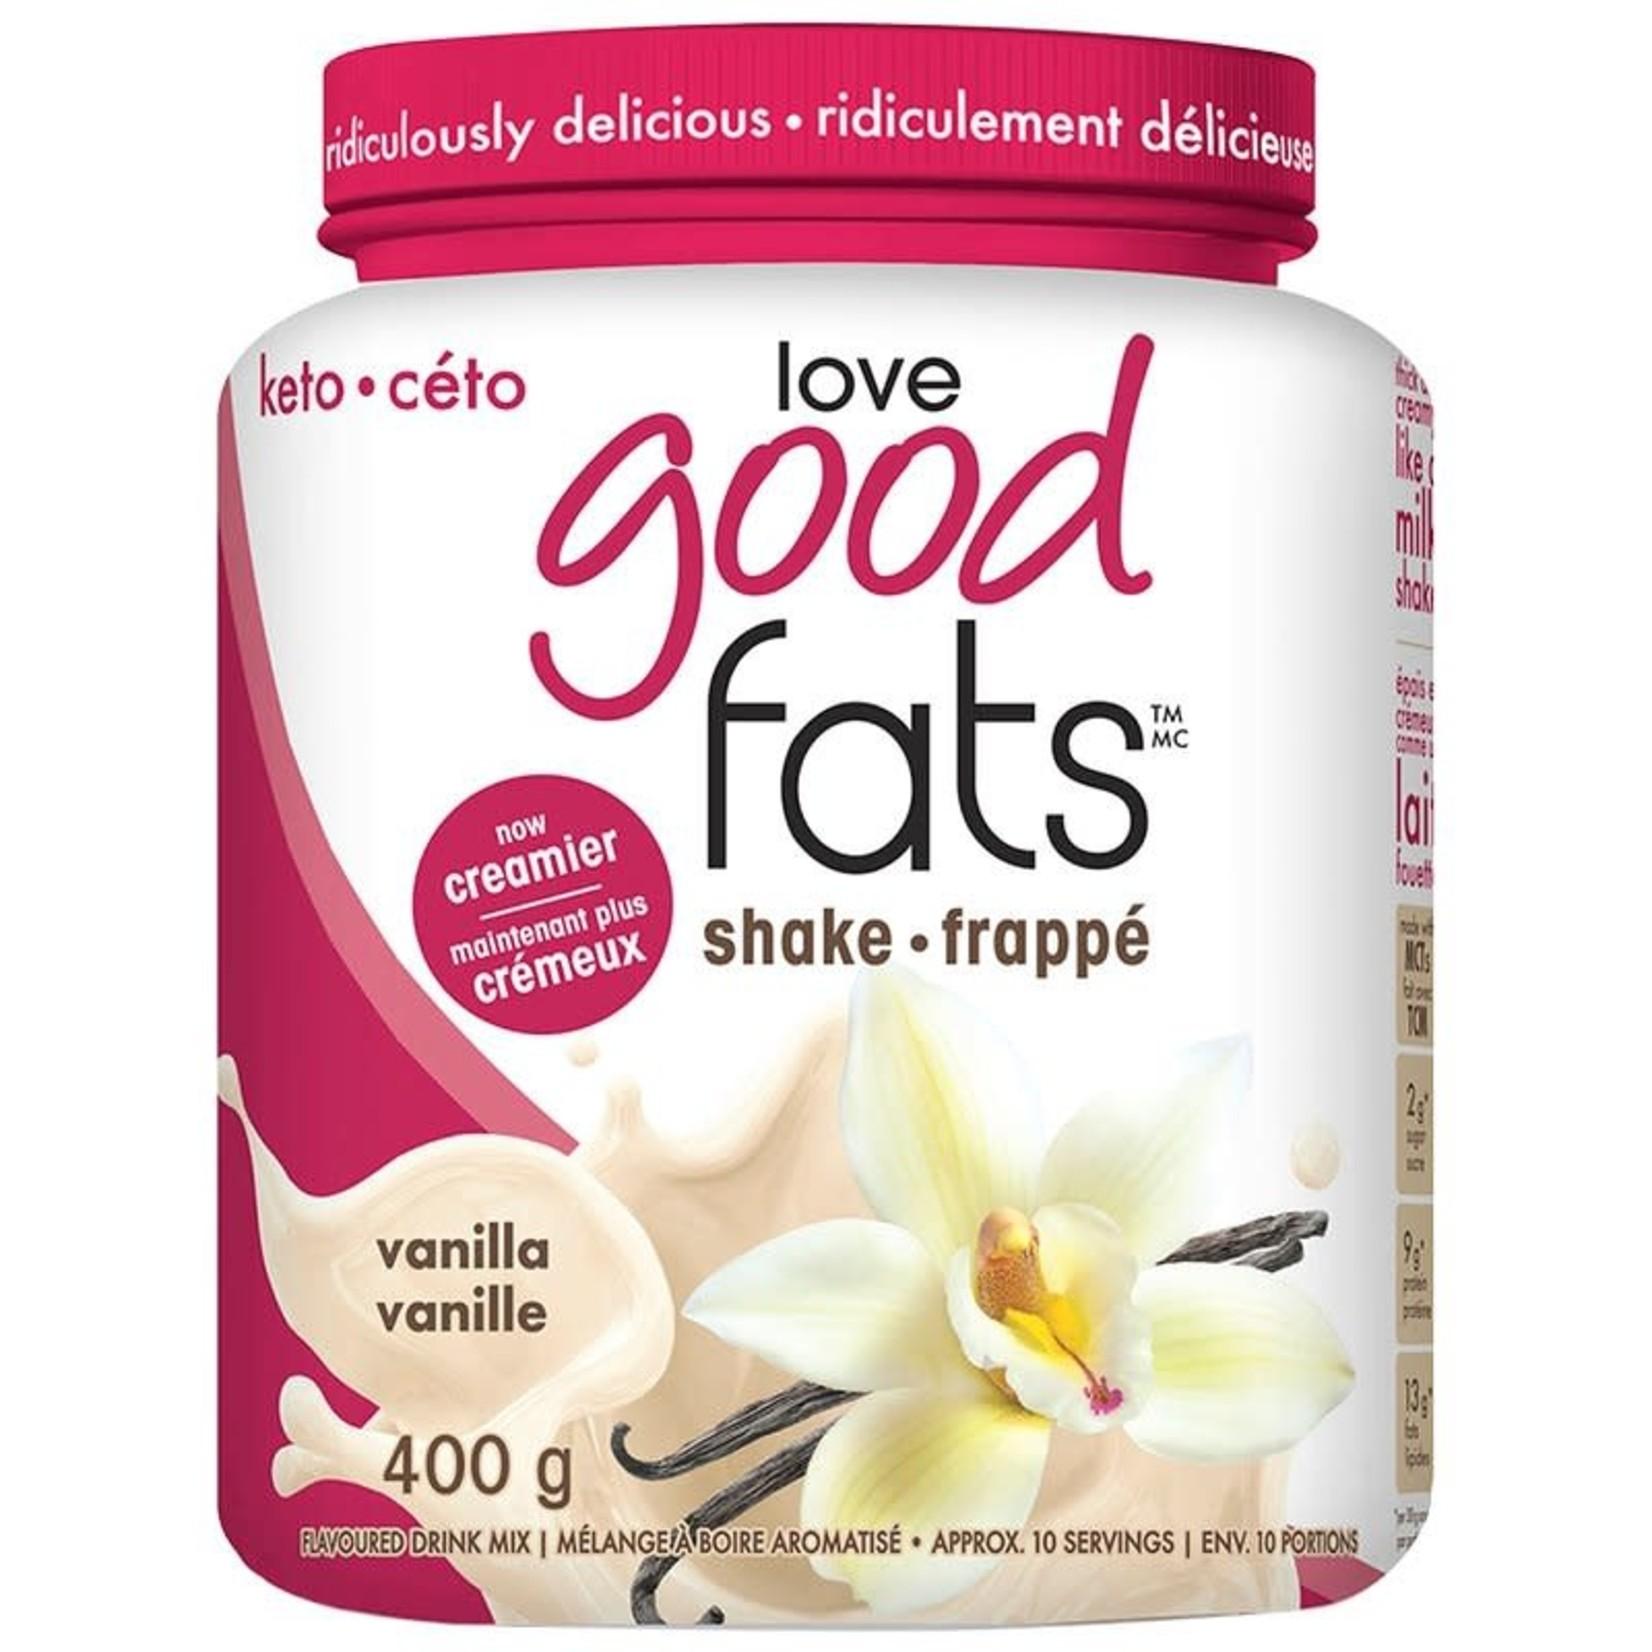 Love Good Fats Vanilla Shake 400g